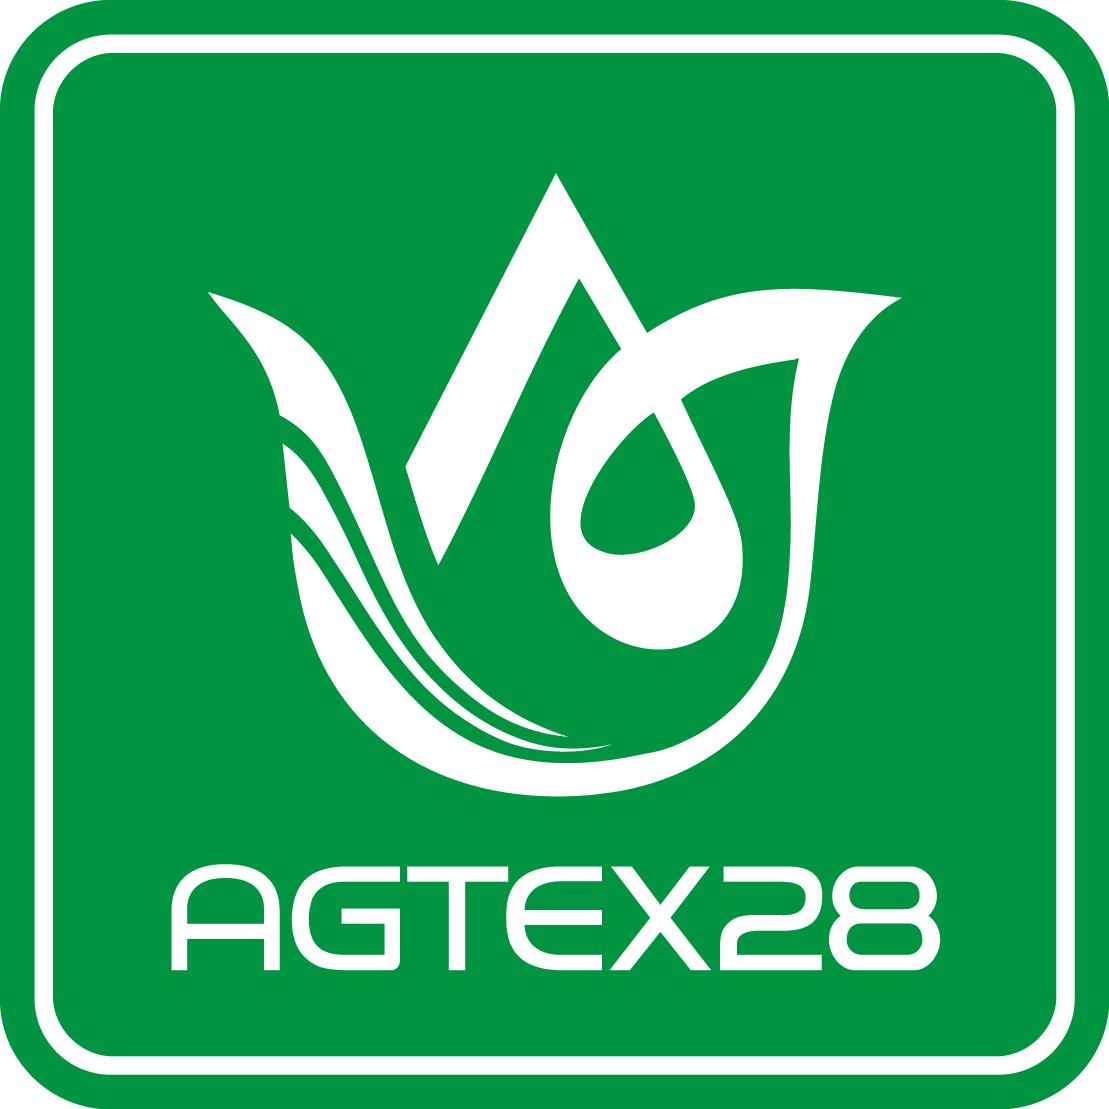 logo Agtex28